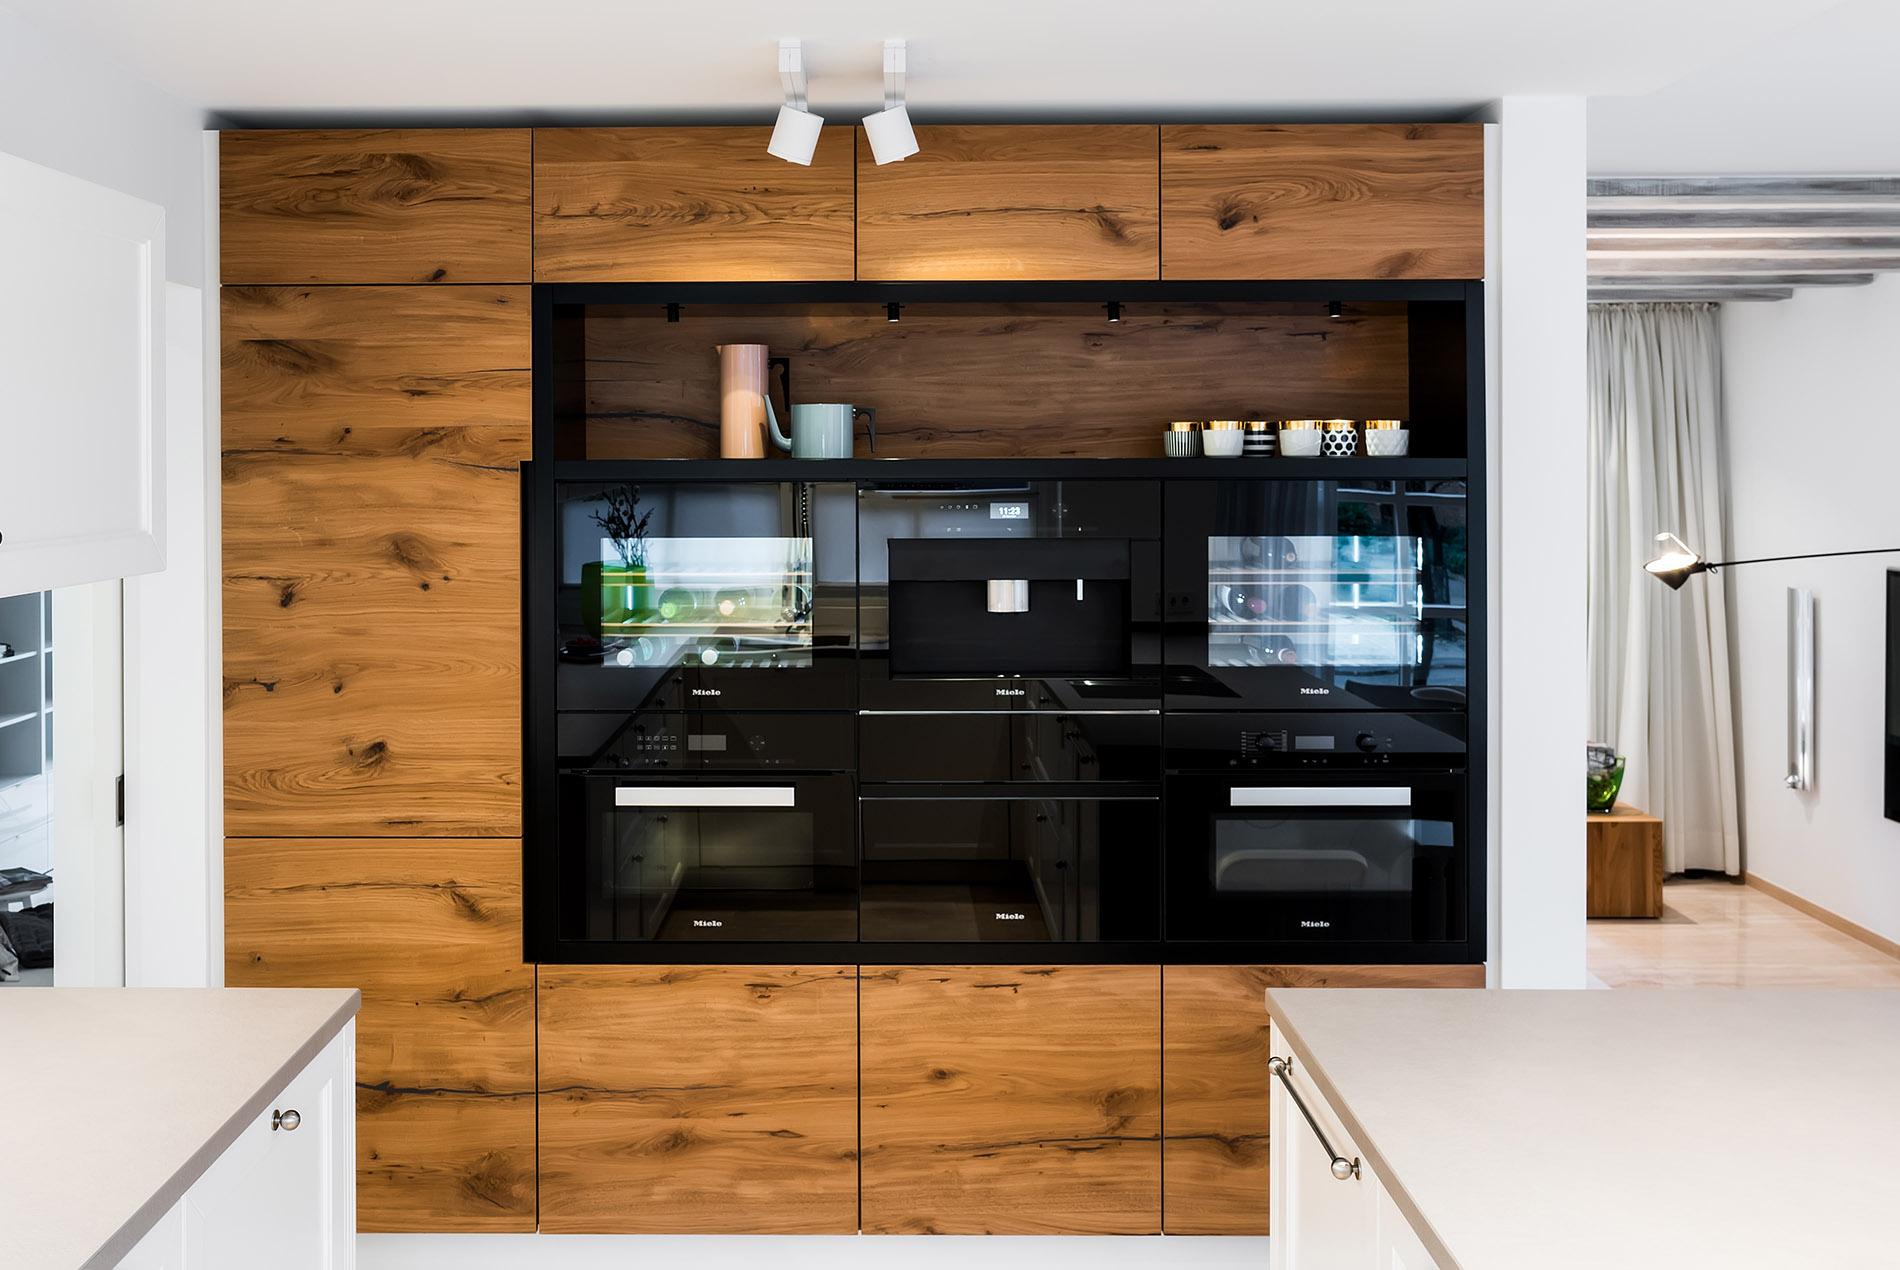 Offene Landhaus-Küche, modern und zeitlos - Tischlerei Schöpker